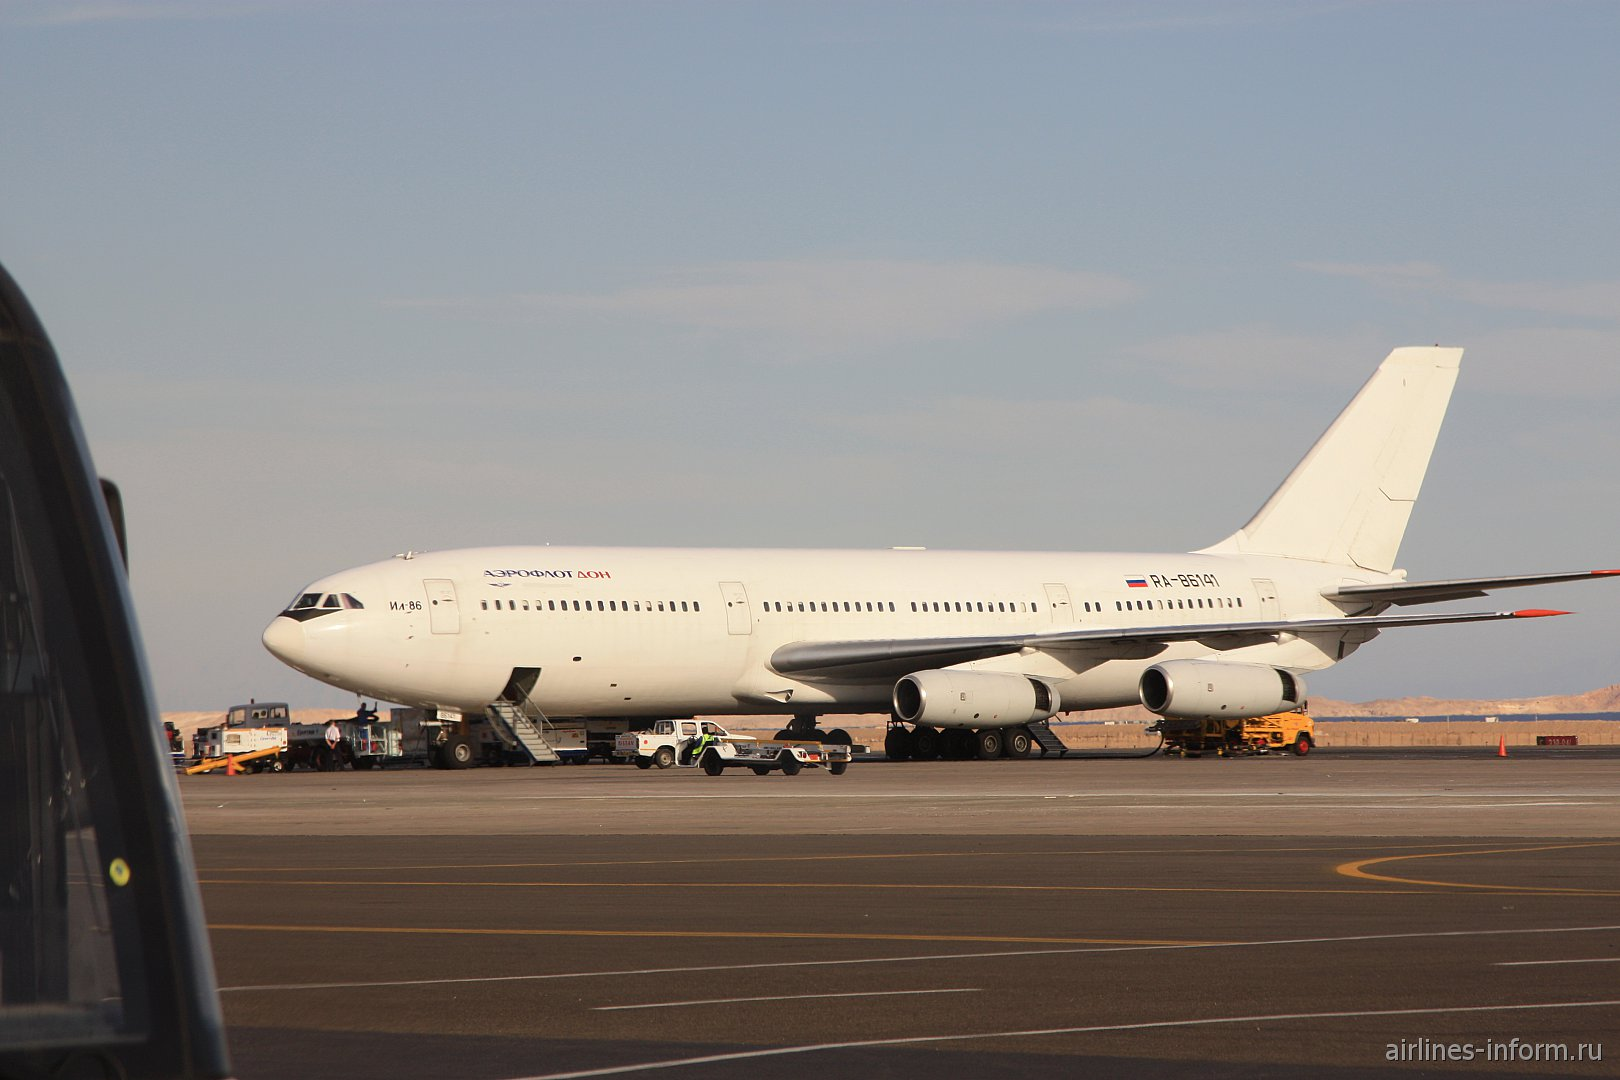 Последний построенный ил-86 (RA-86141) в аэропорту Хургады. Принадлежит А/К ,,Аэрофлот-Дон''. Фото сделано 29 ноября